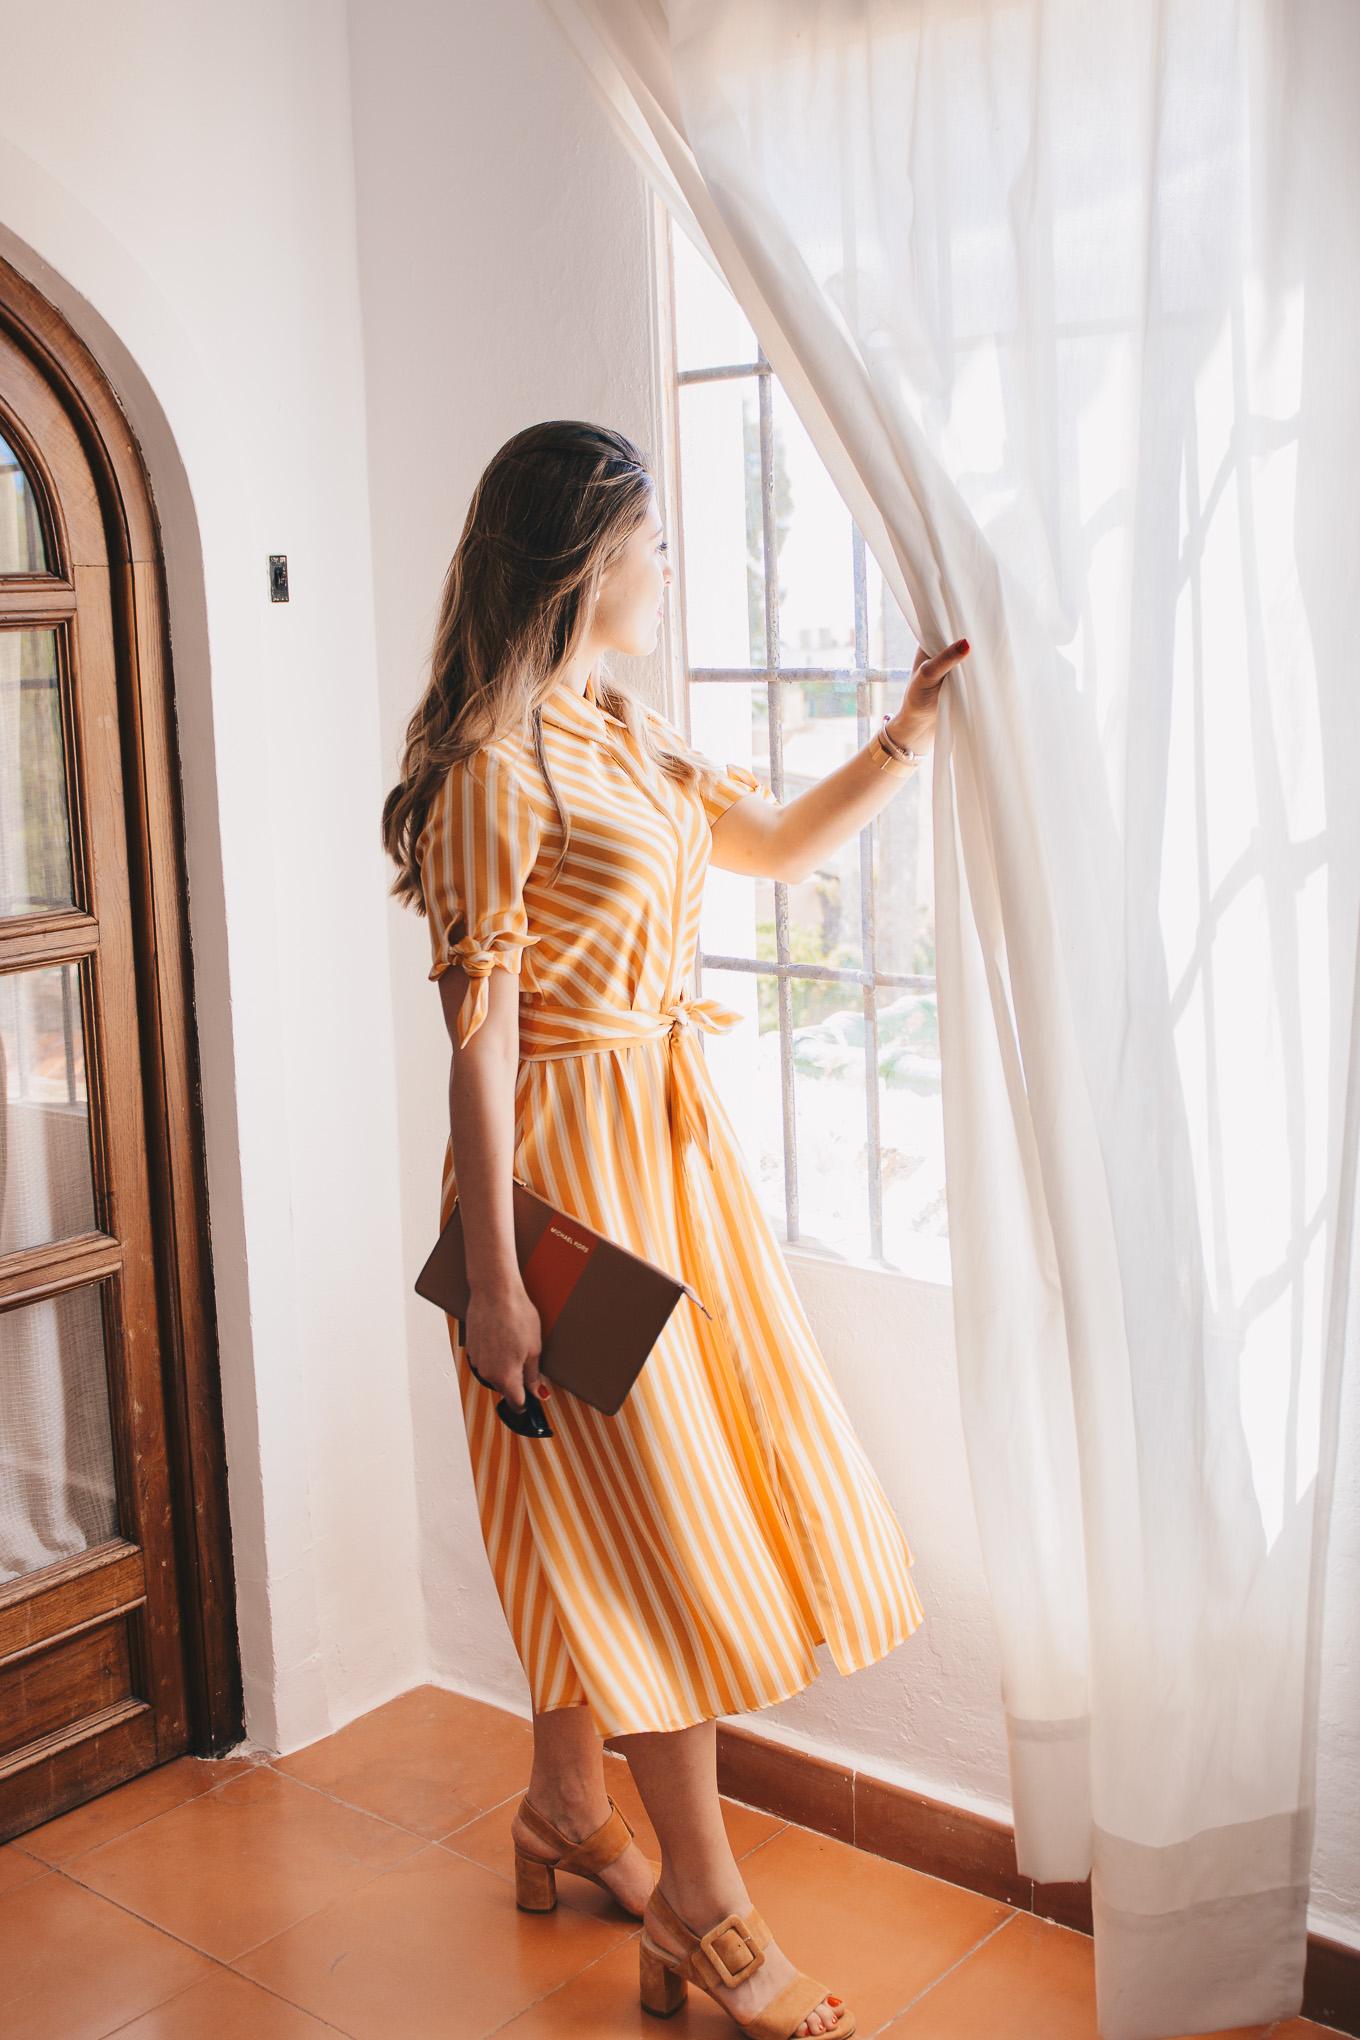 Wearing my Mango striped dress